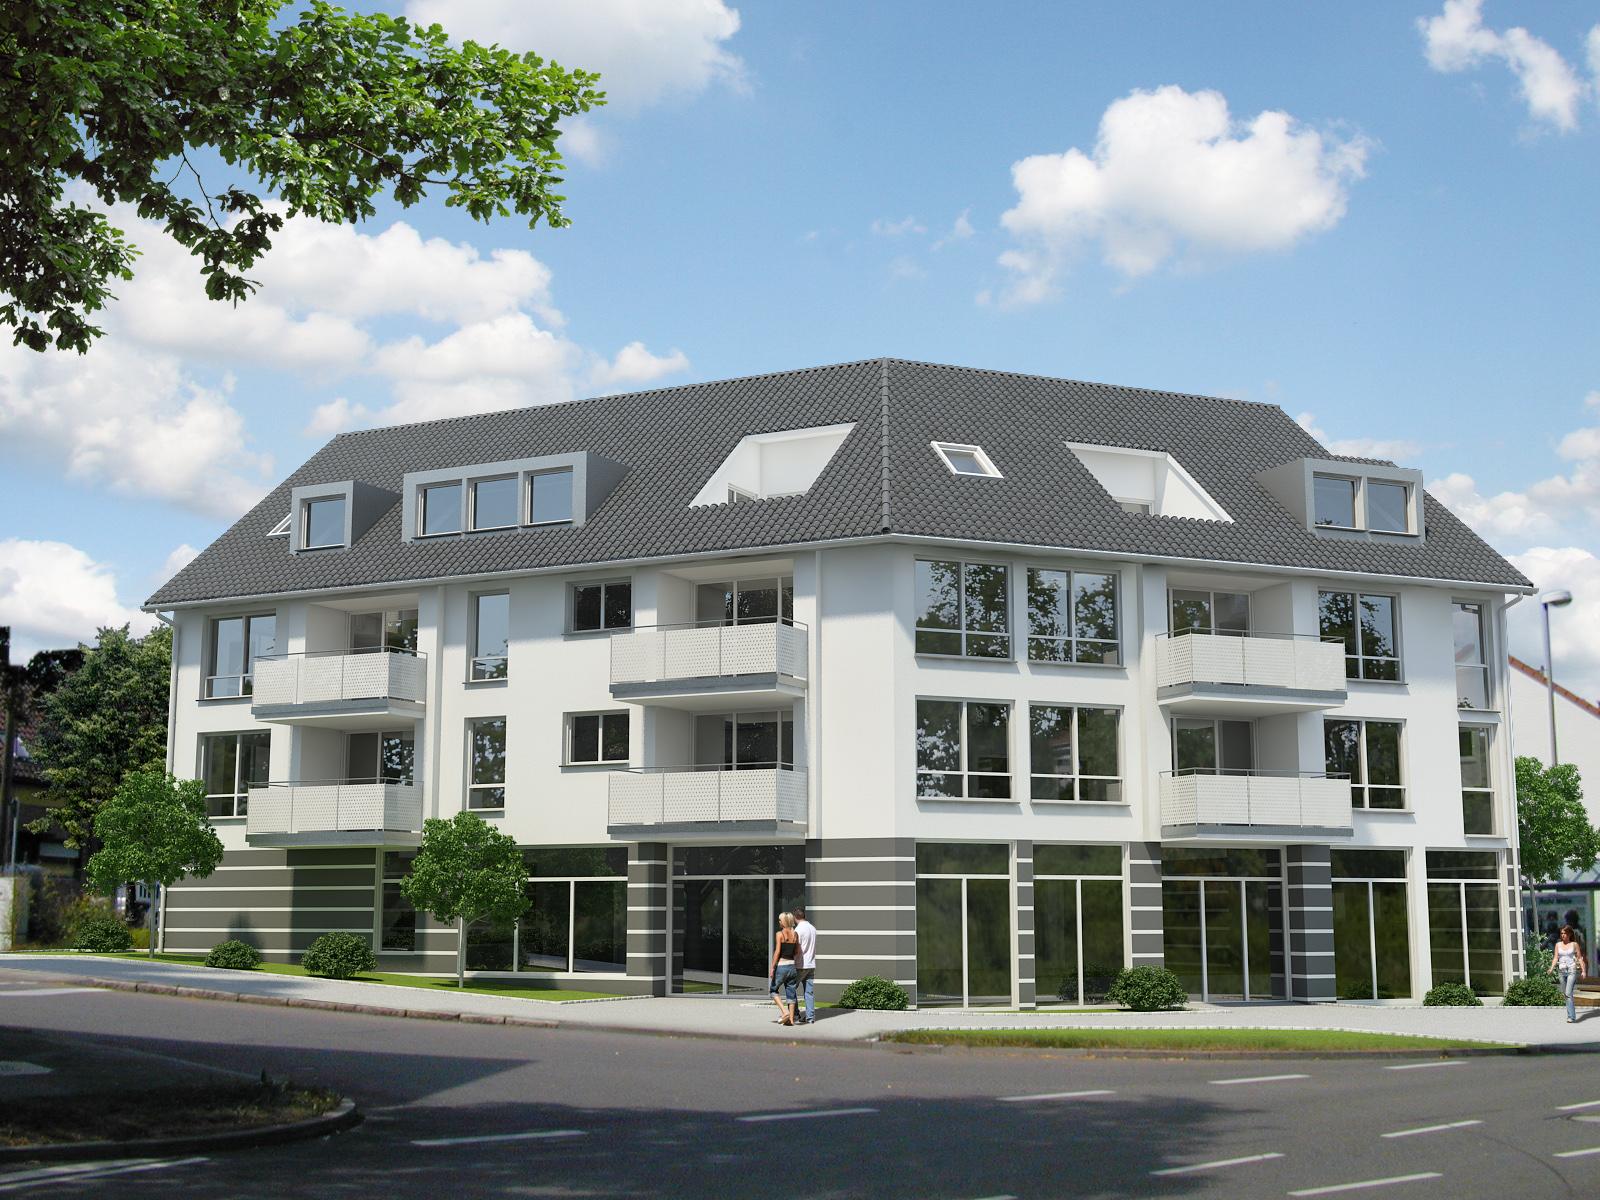 regiebau gmbh modernes mehrfamilienhaus im herzen von stuttgart. Black Bedroom Furniture Sets. Home Design Ideas